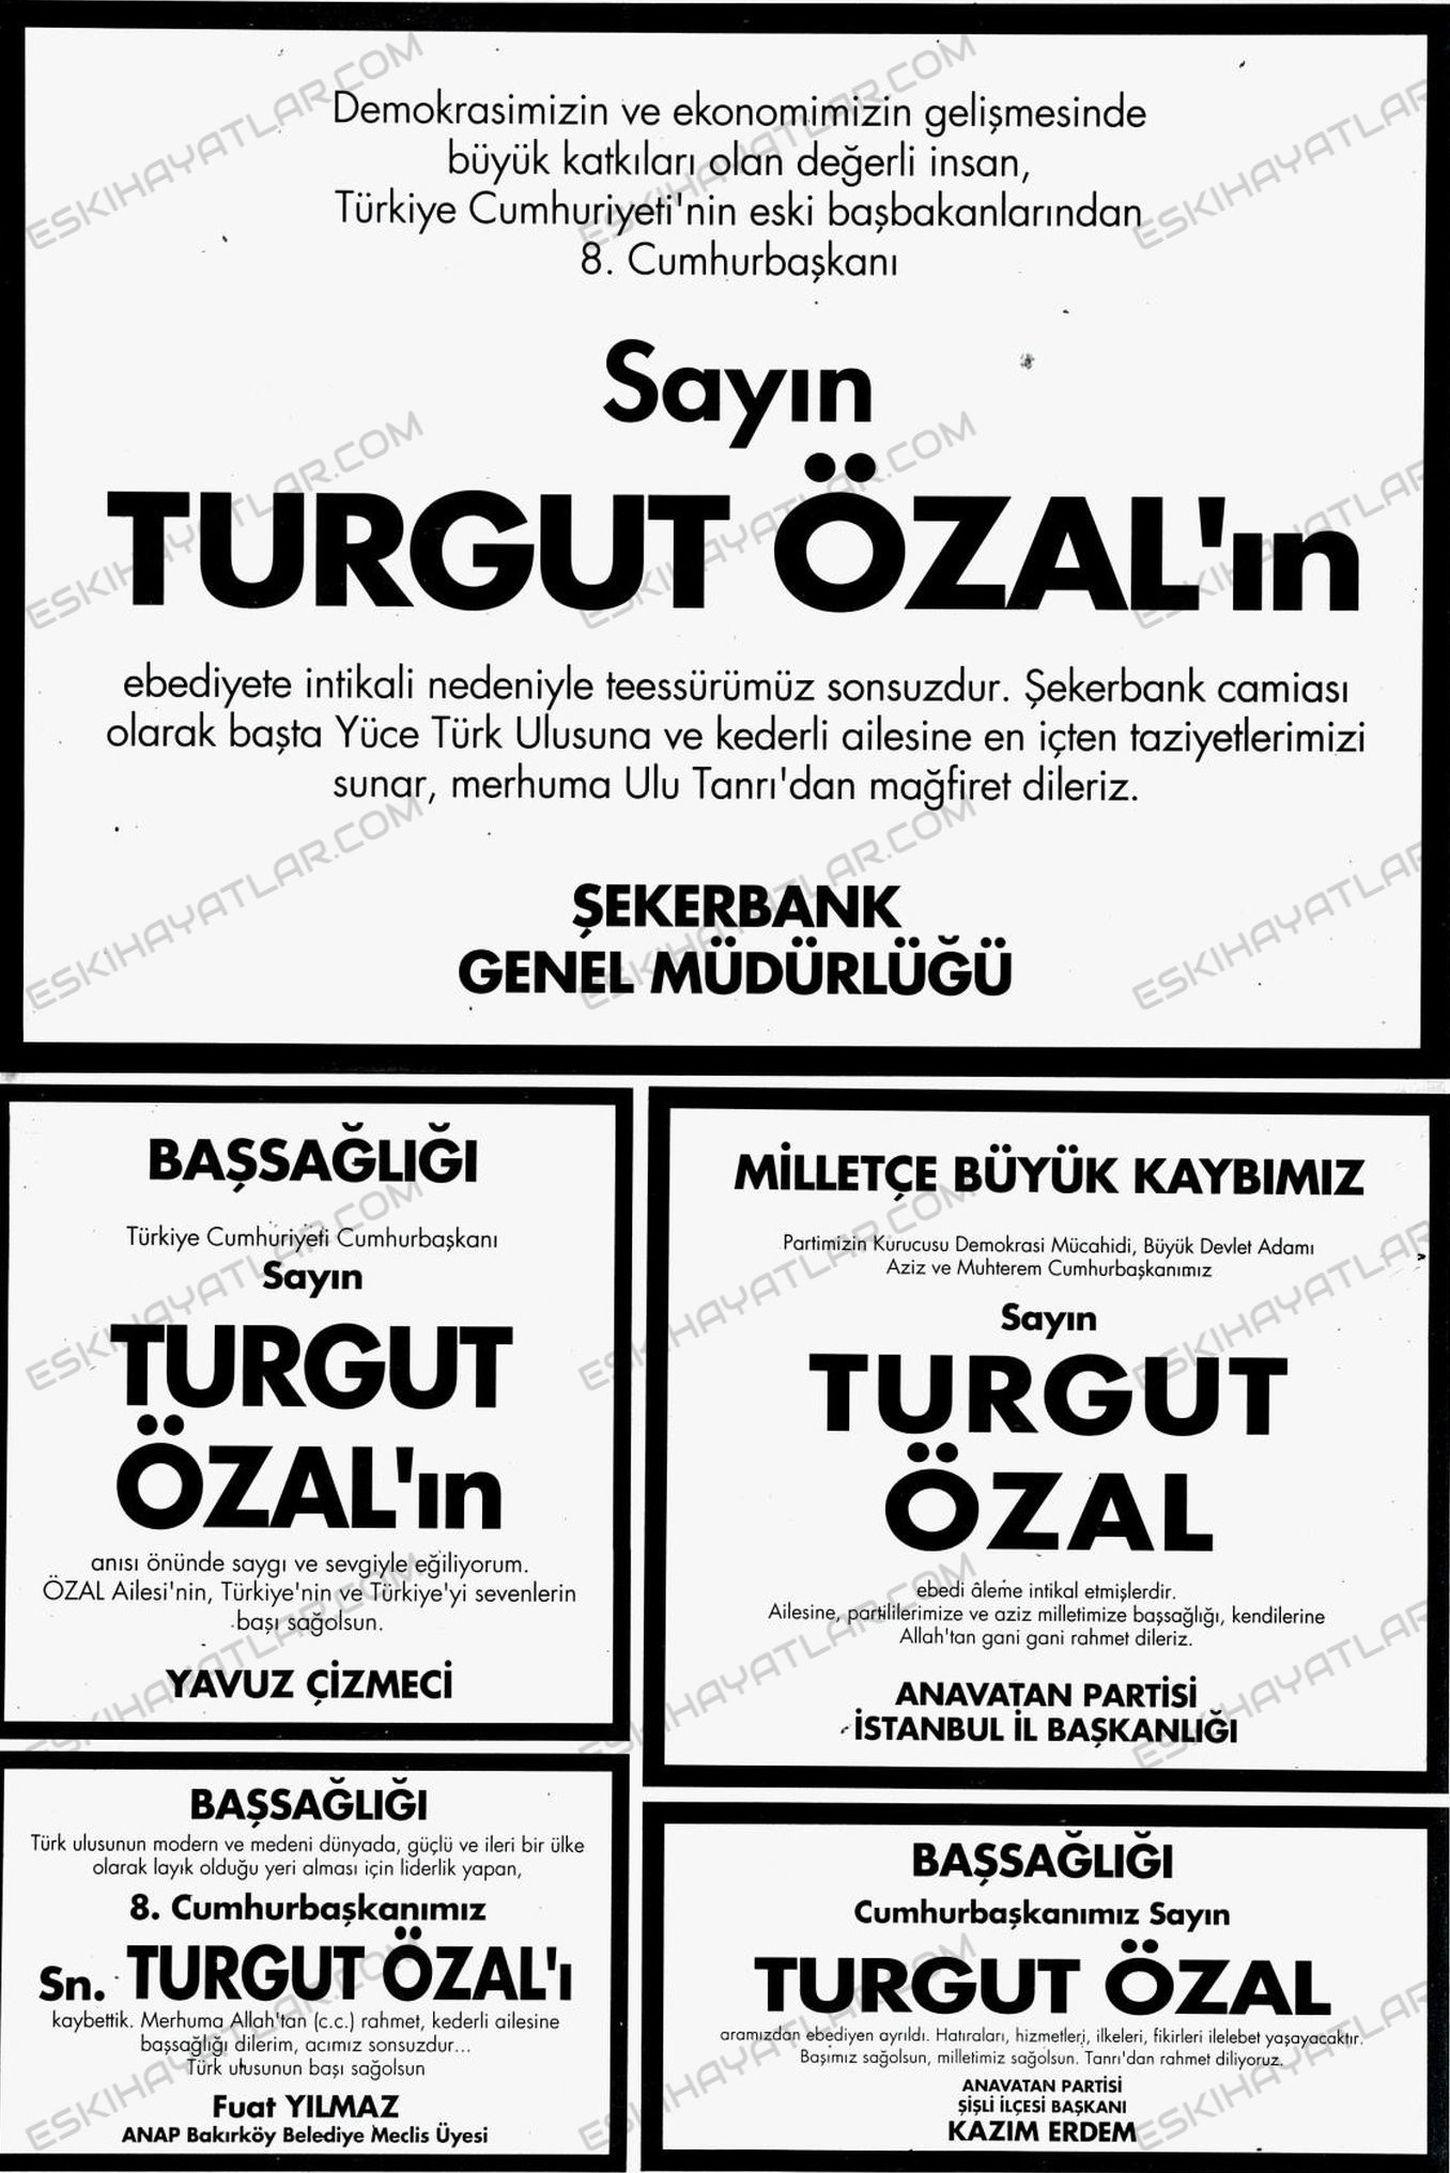 turgut-ozal-fotograflari-1993-yili-turgut-ozal-vefat-ilanlari-turgut-ozal-olum-haberleri (5)